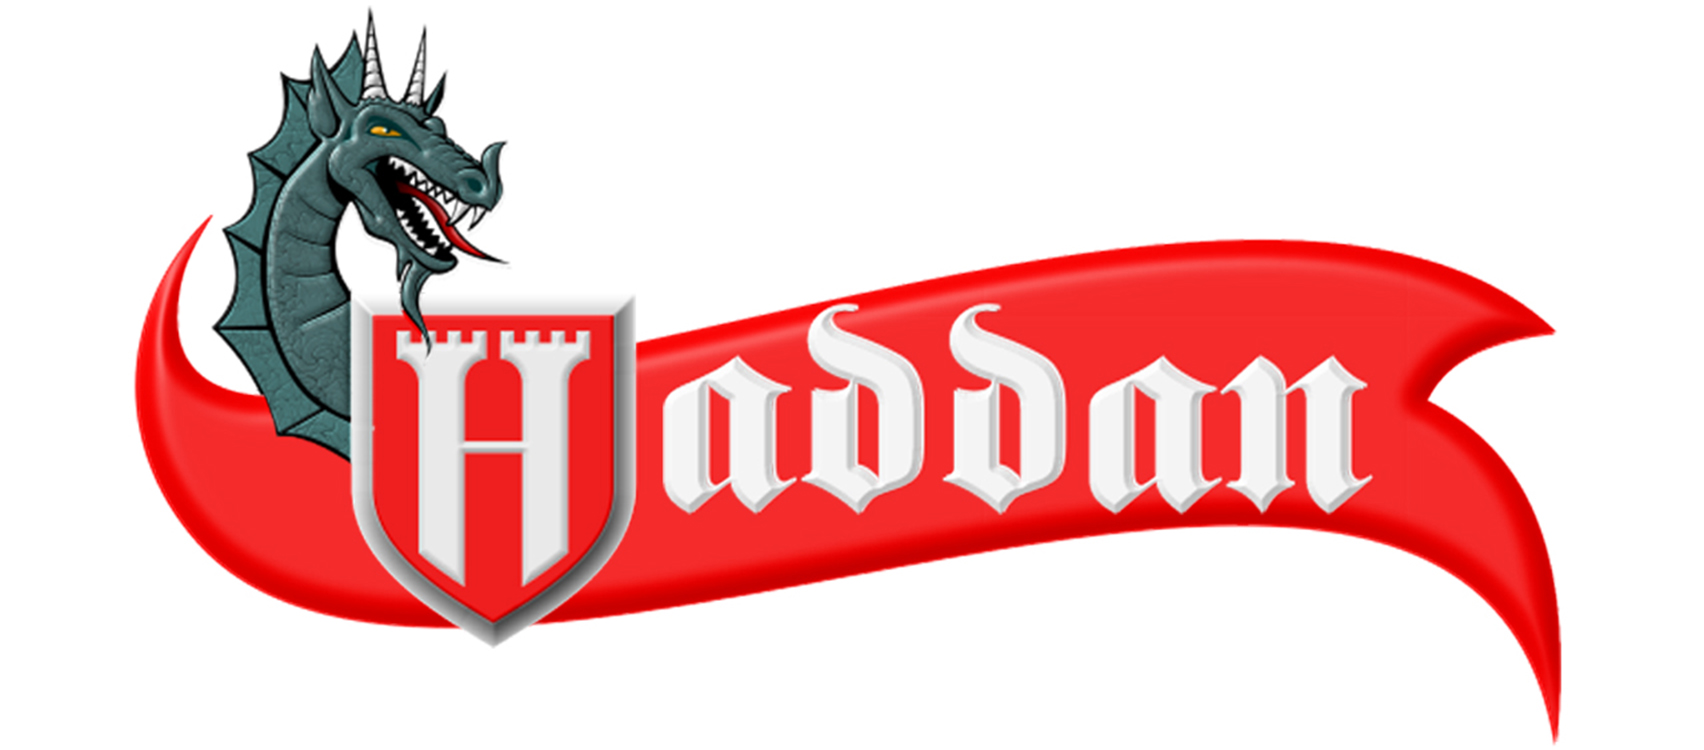 Haddan  (lg)